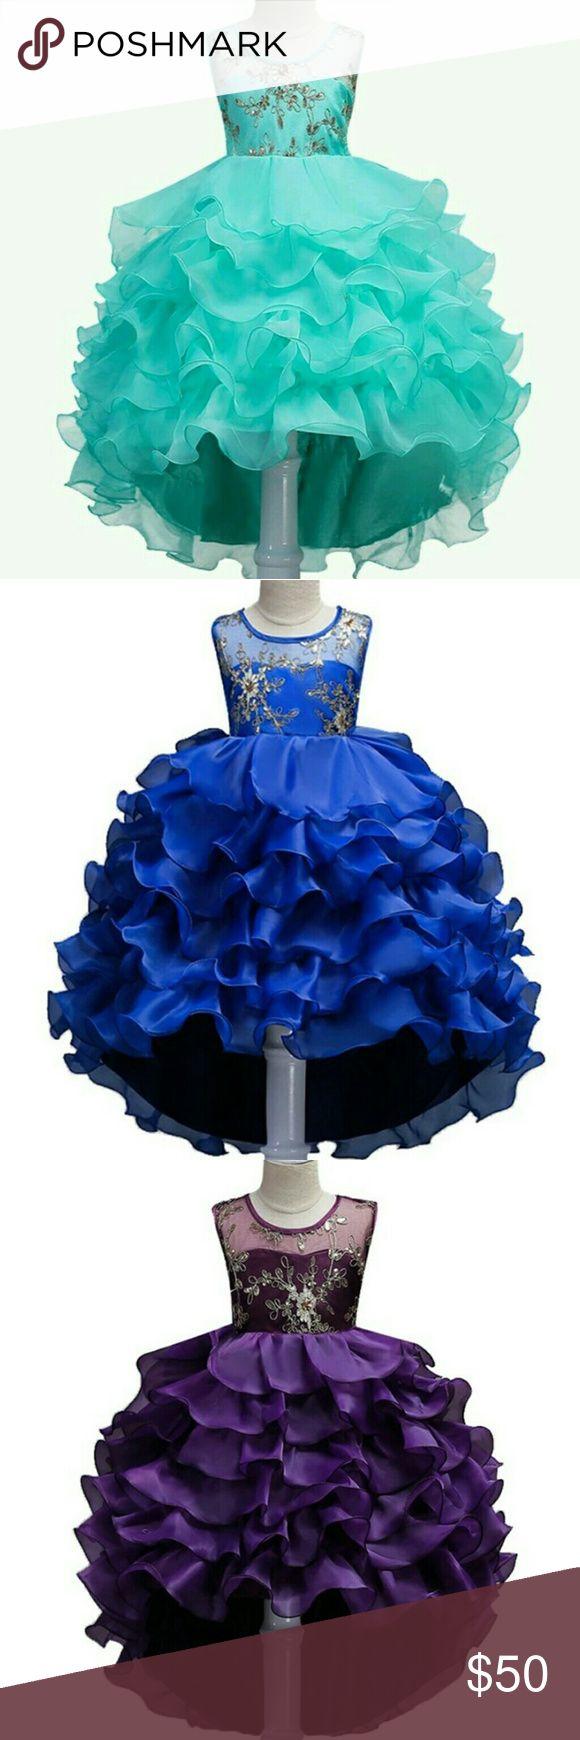 Girls dresses Girls ruffles bottom dresses for all occasion sizes 5-14 Dresses Formal